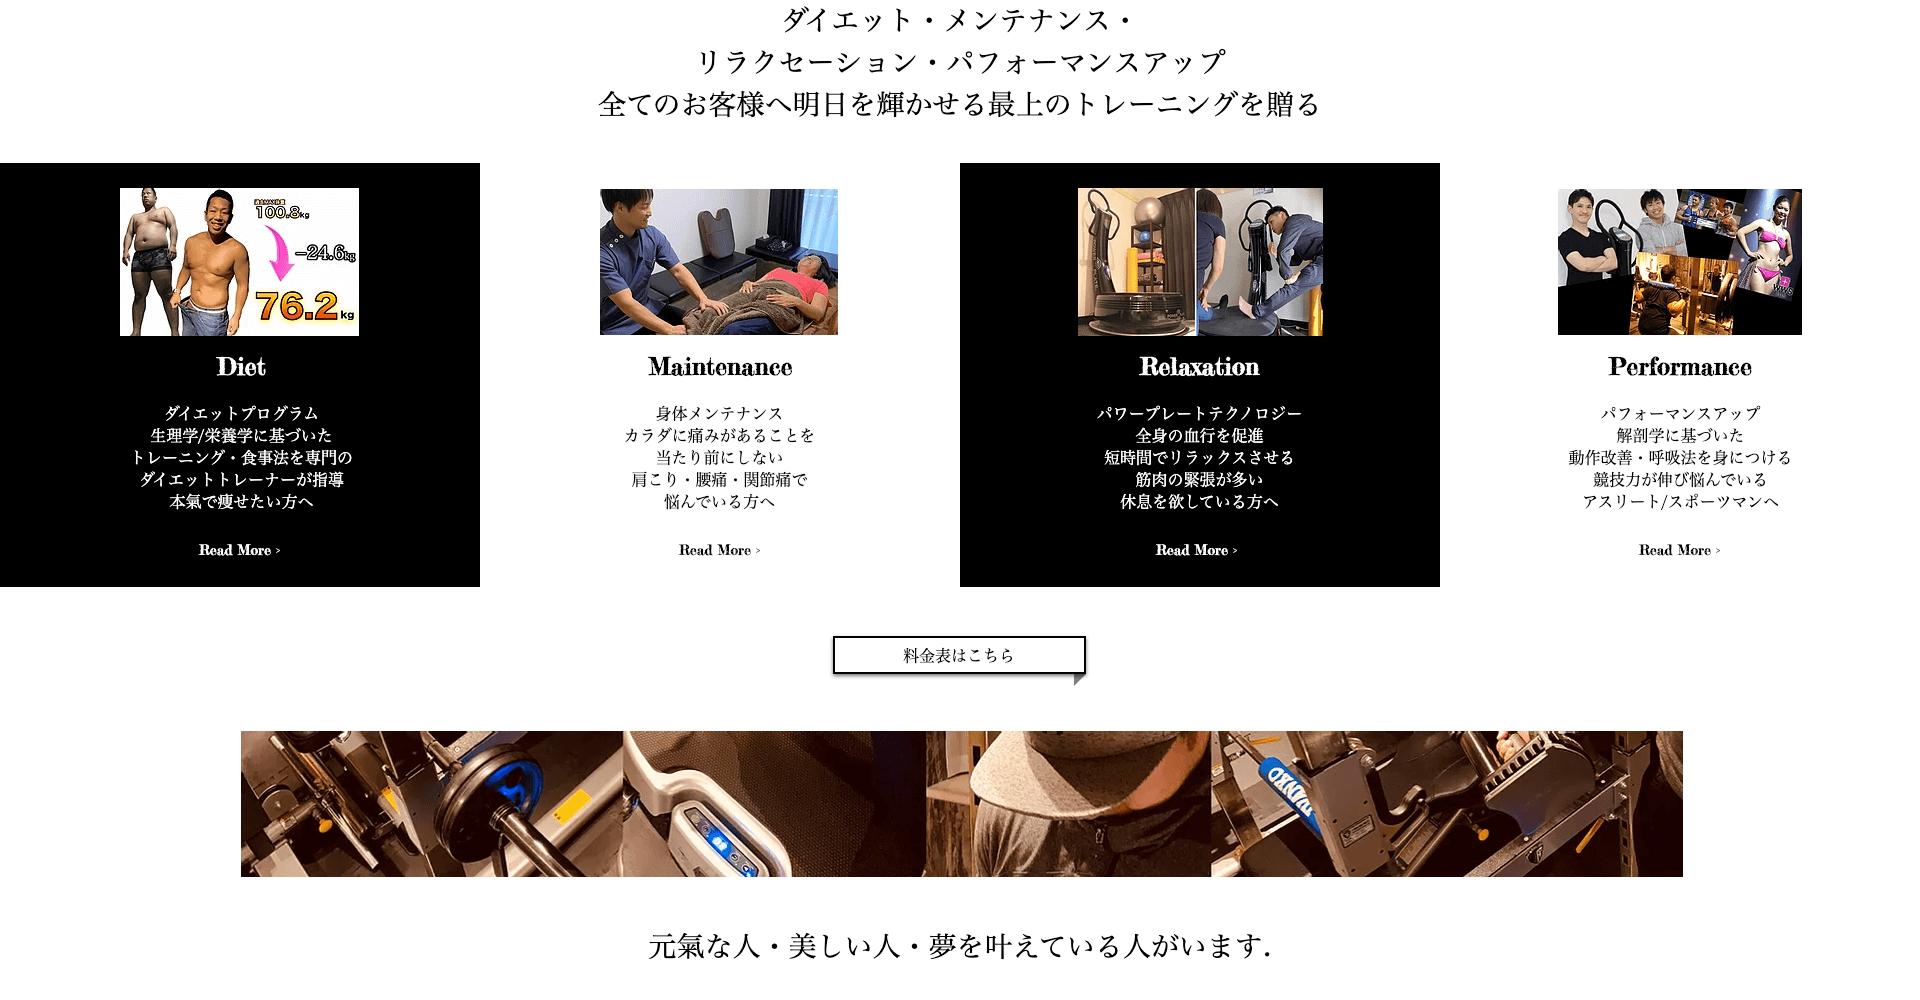 D Style Tsukuba春日スタジオ